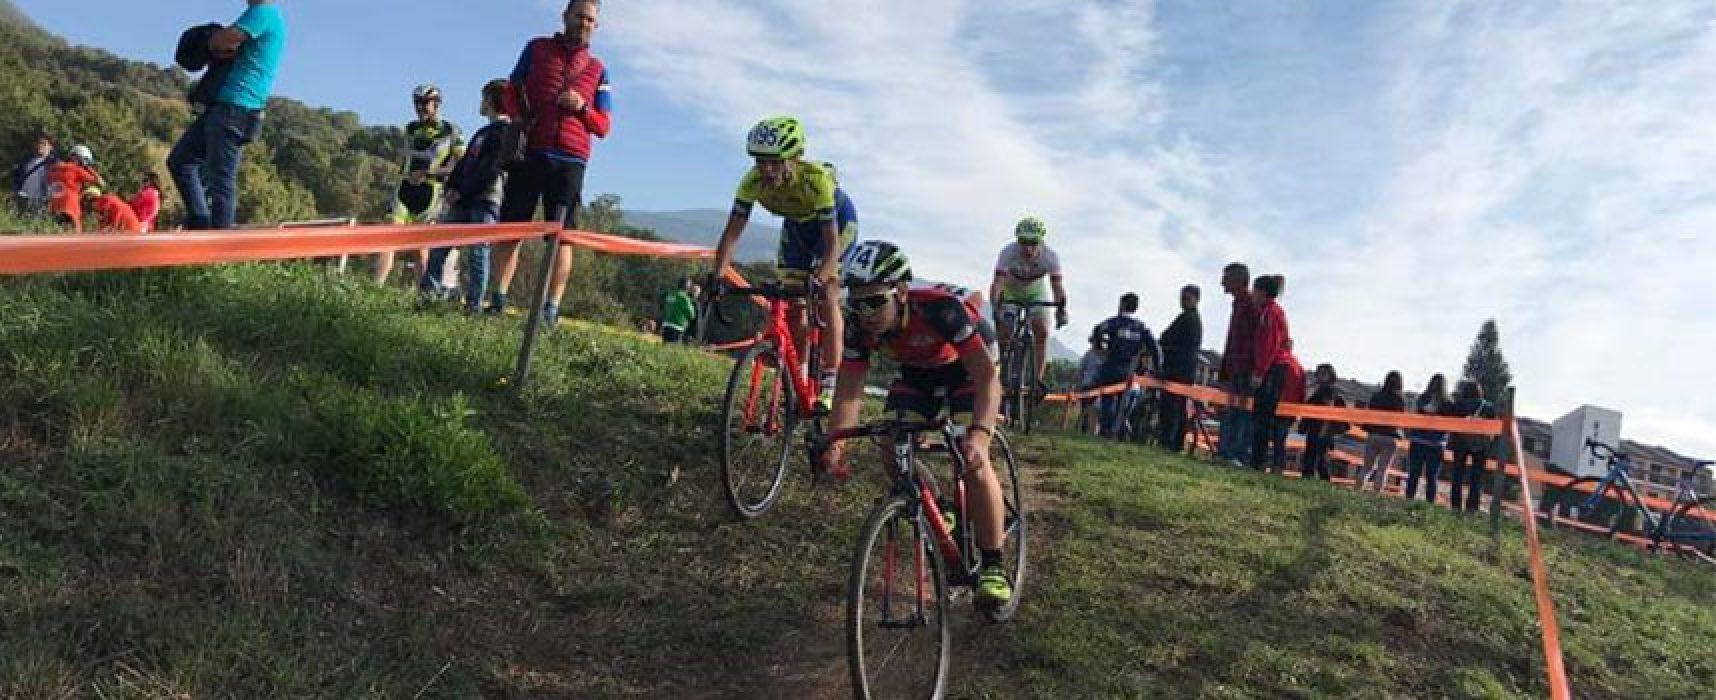 Ciclismo, buoni risultati per la Ludobike nella tappa di Viggiano